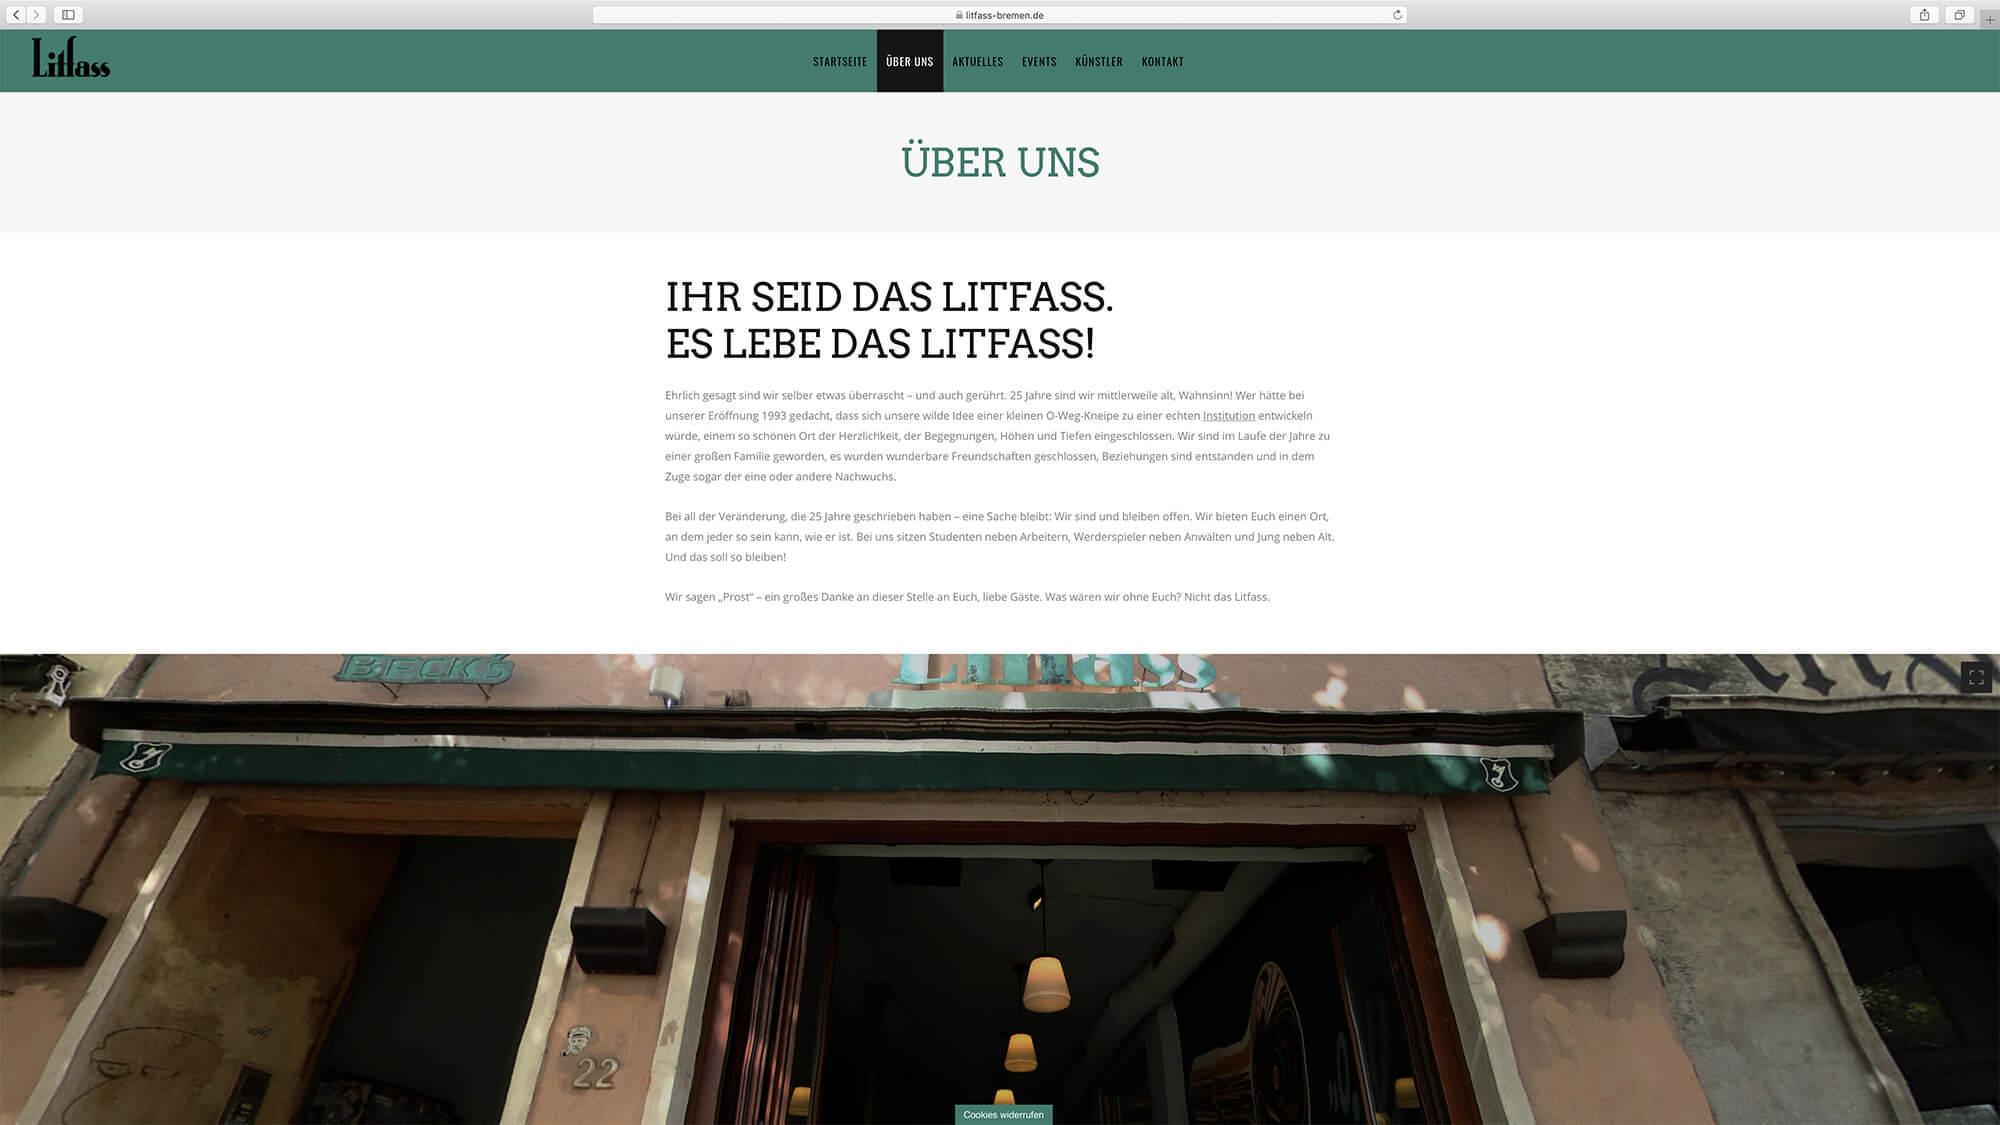 jung und billig werbeagentur litfass bar bildschirm5 - Litfass Bremen